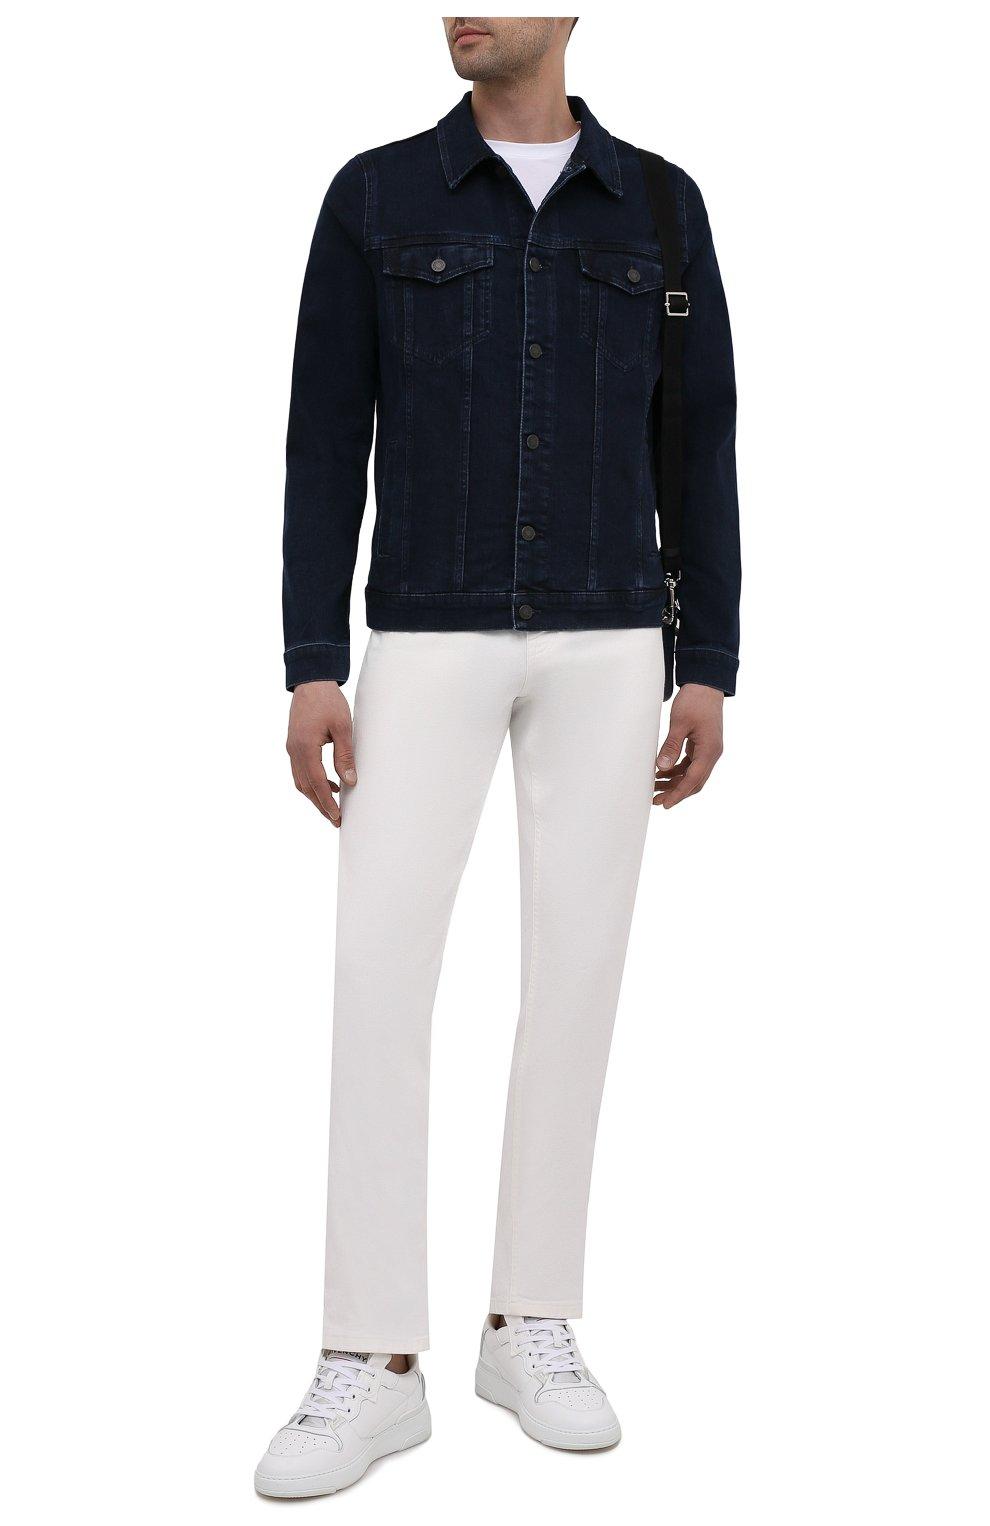 Мужская джинсовая куртка 7 FOR ALL MANKIND синего цвета, арт. JSK5R460LL | Фото 2 (Кросс-КТ: Куртка; Рукава: Длинные; Материал внешний: Хлопок, Деним; Длина (верхняя одежда): Короткие; Стили: Кэжуэл)